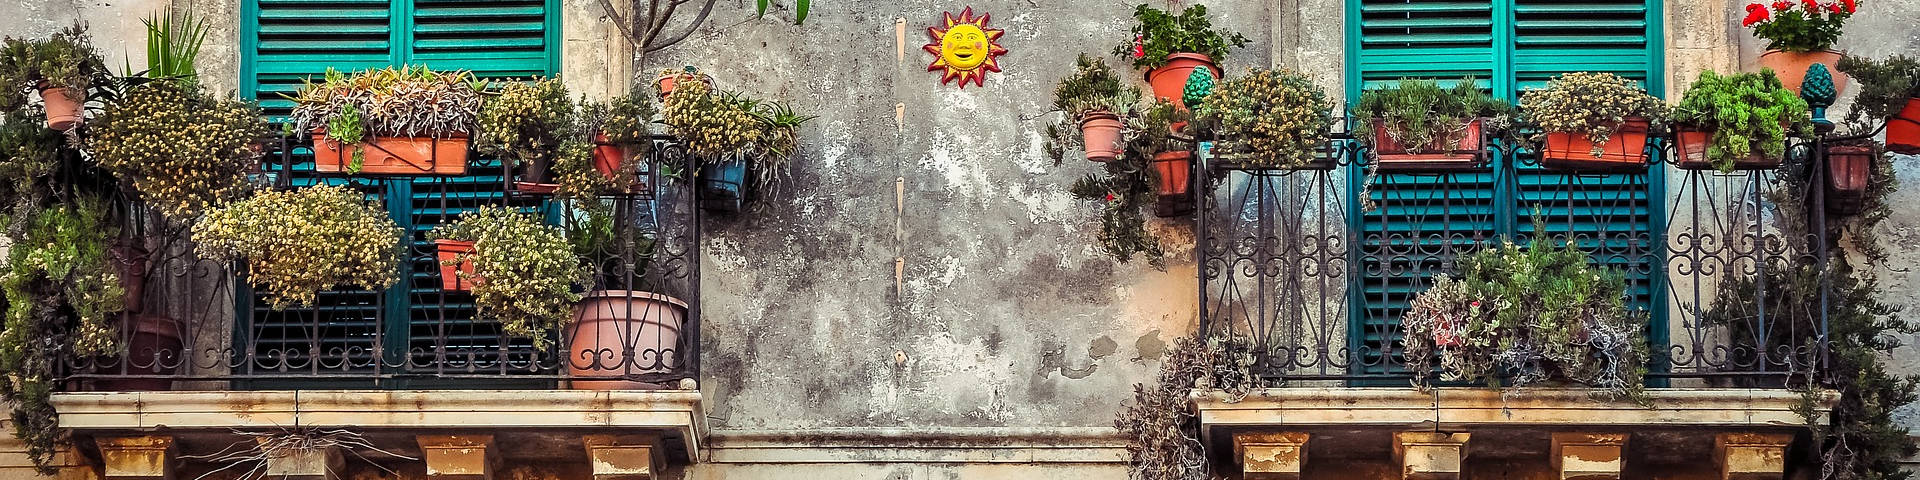 balcony-2526221_1920 - Bild von Дмитрий